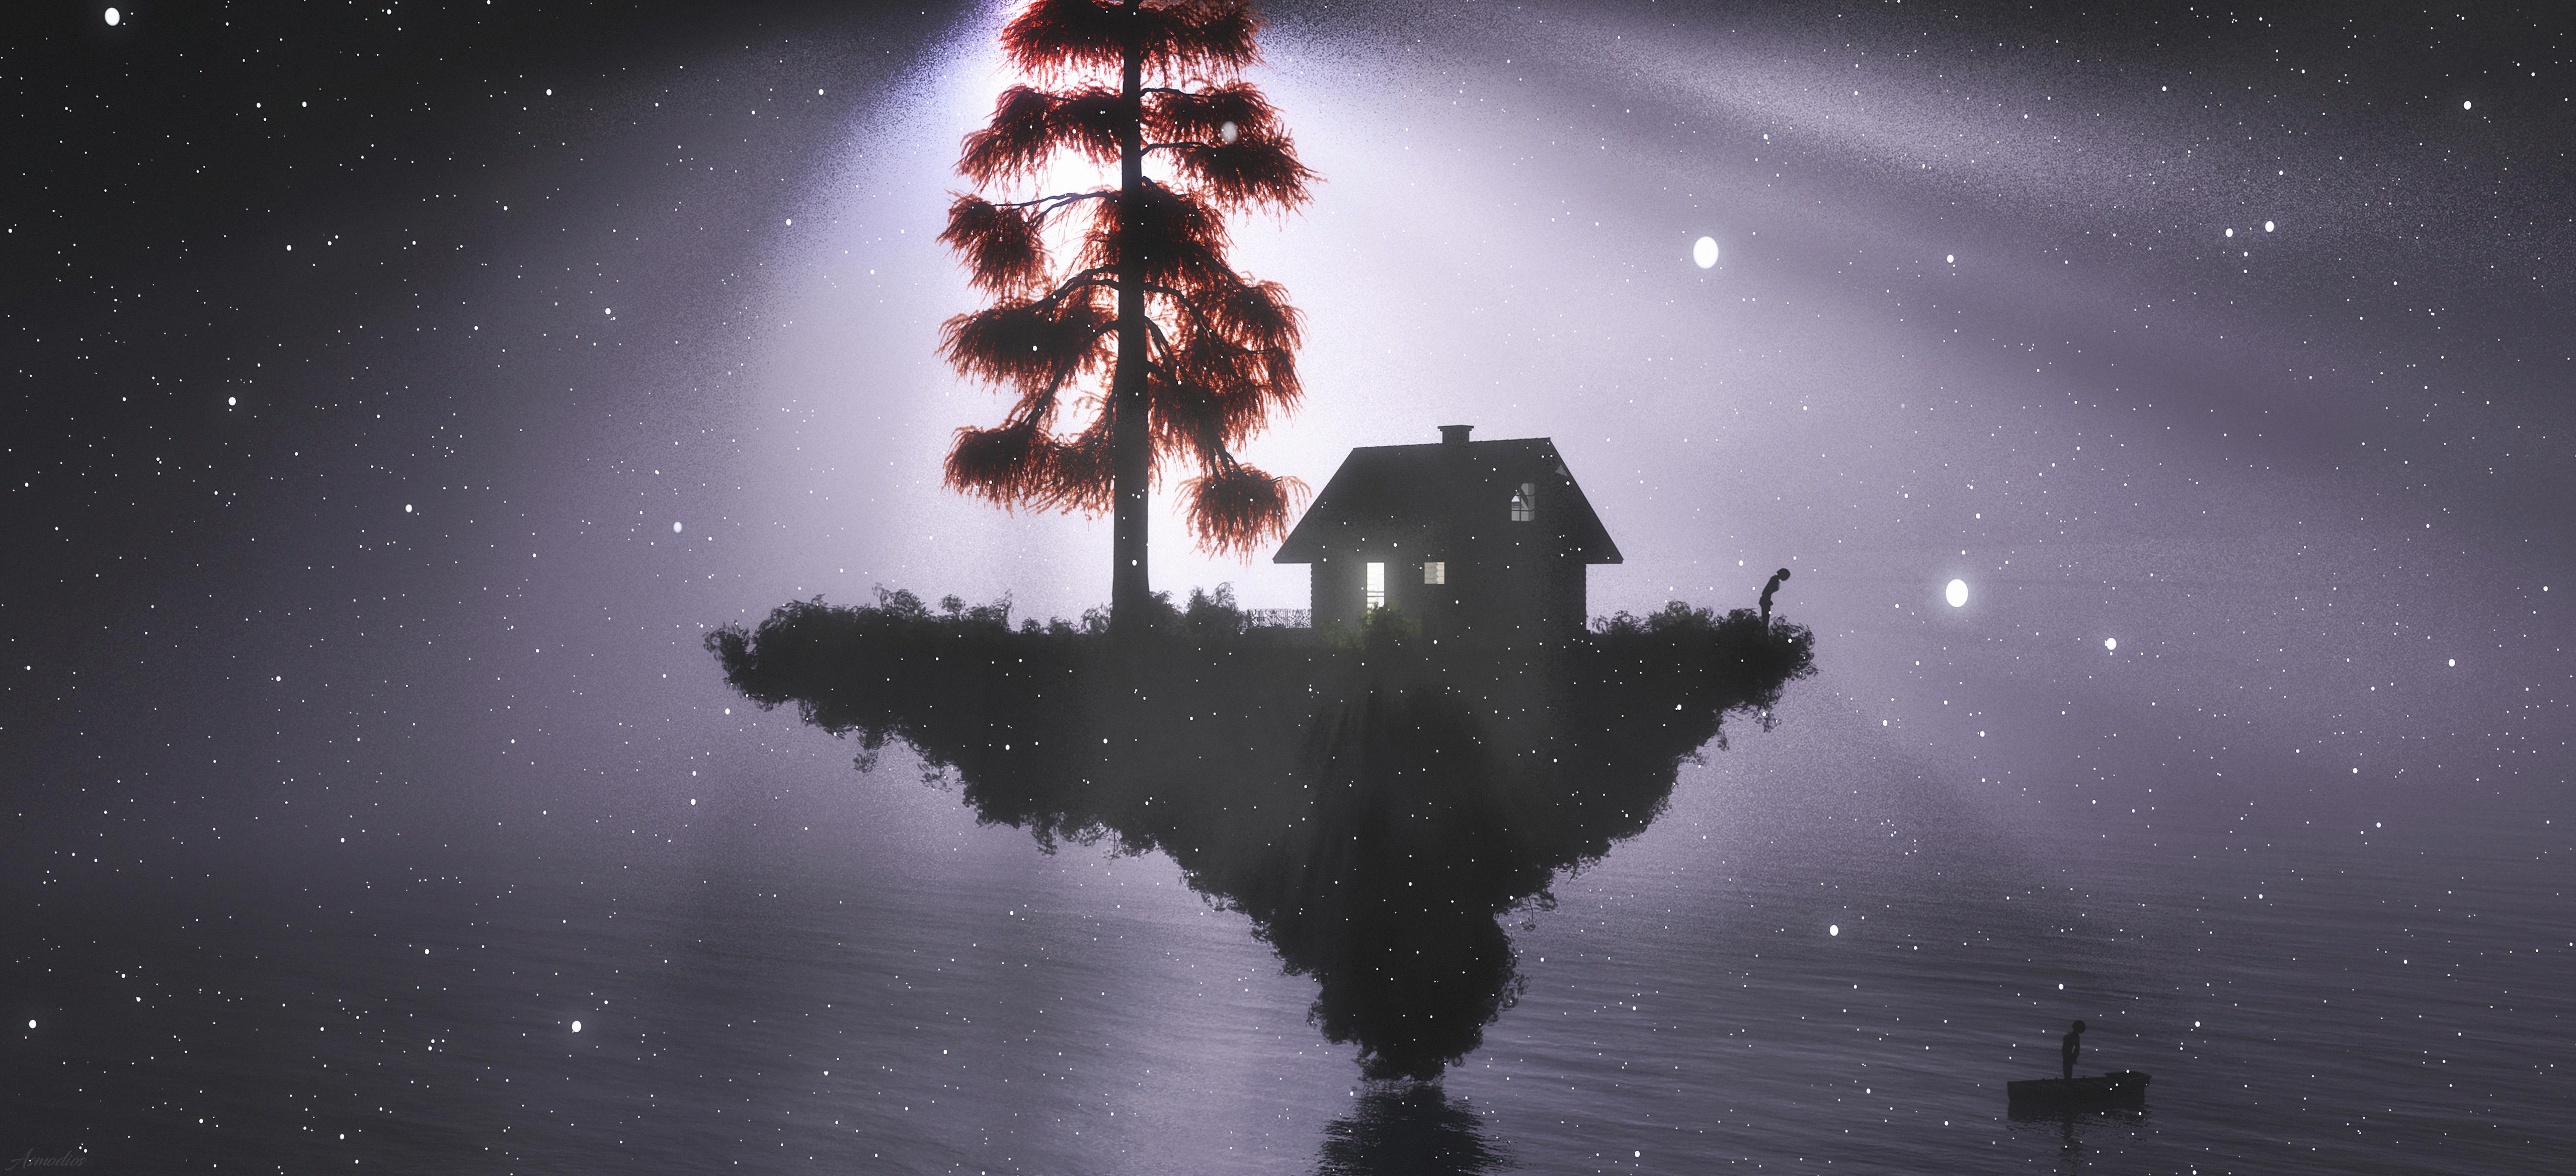 Fondos de pantalla Casa entre la luz y la oscuridad